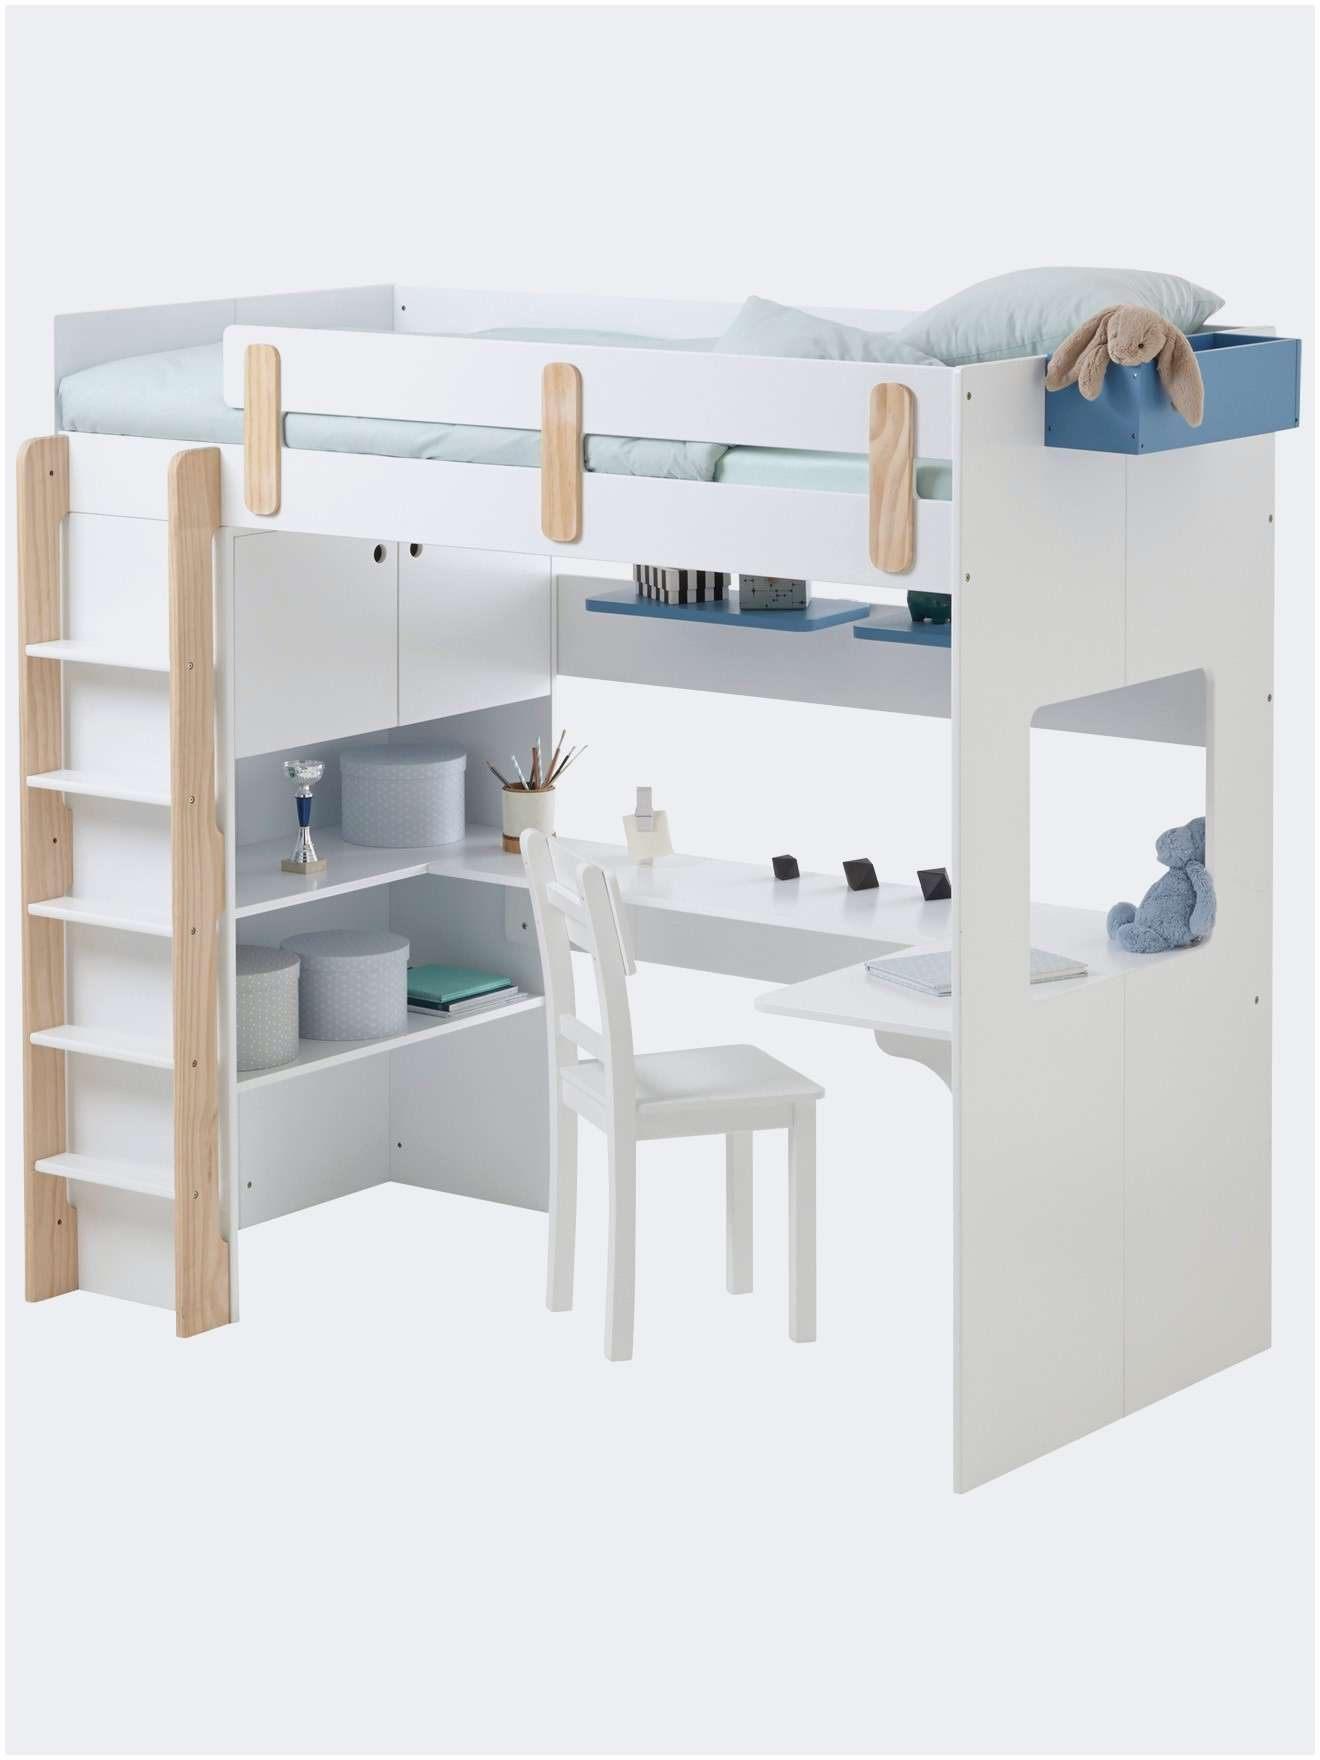 Lit Superposé 3 Places Ikea Joli Frais Lit Mezzanine Ikea 2 Places Pour Alternative Lit Superposé